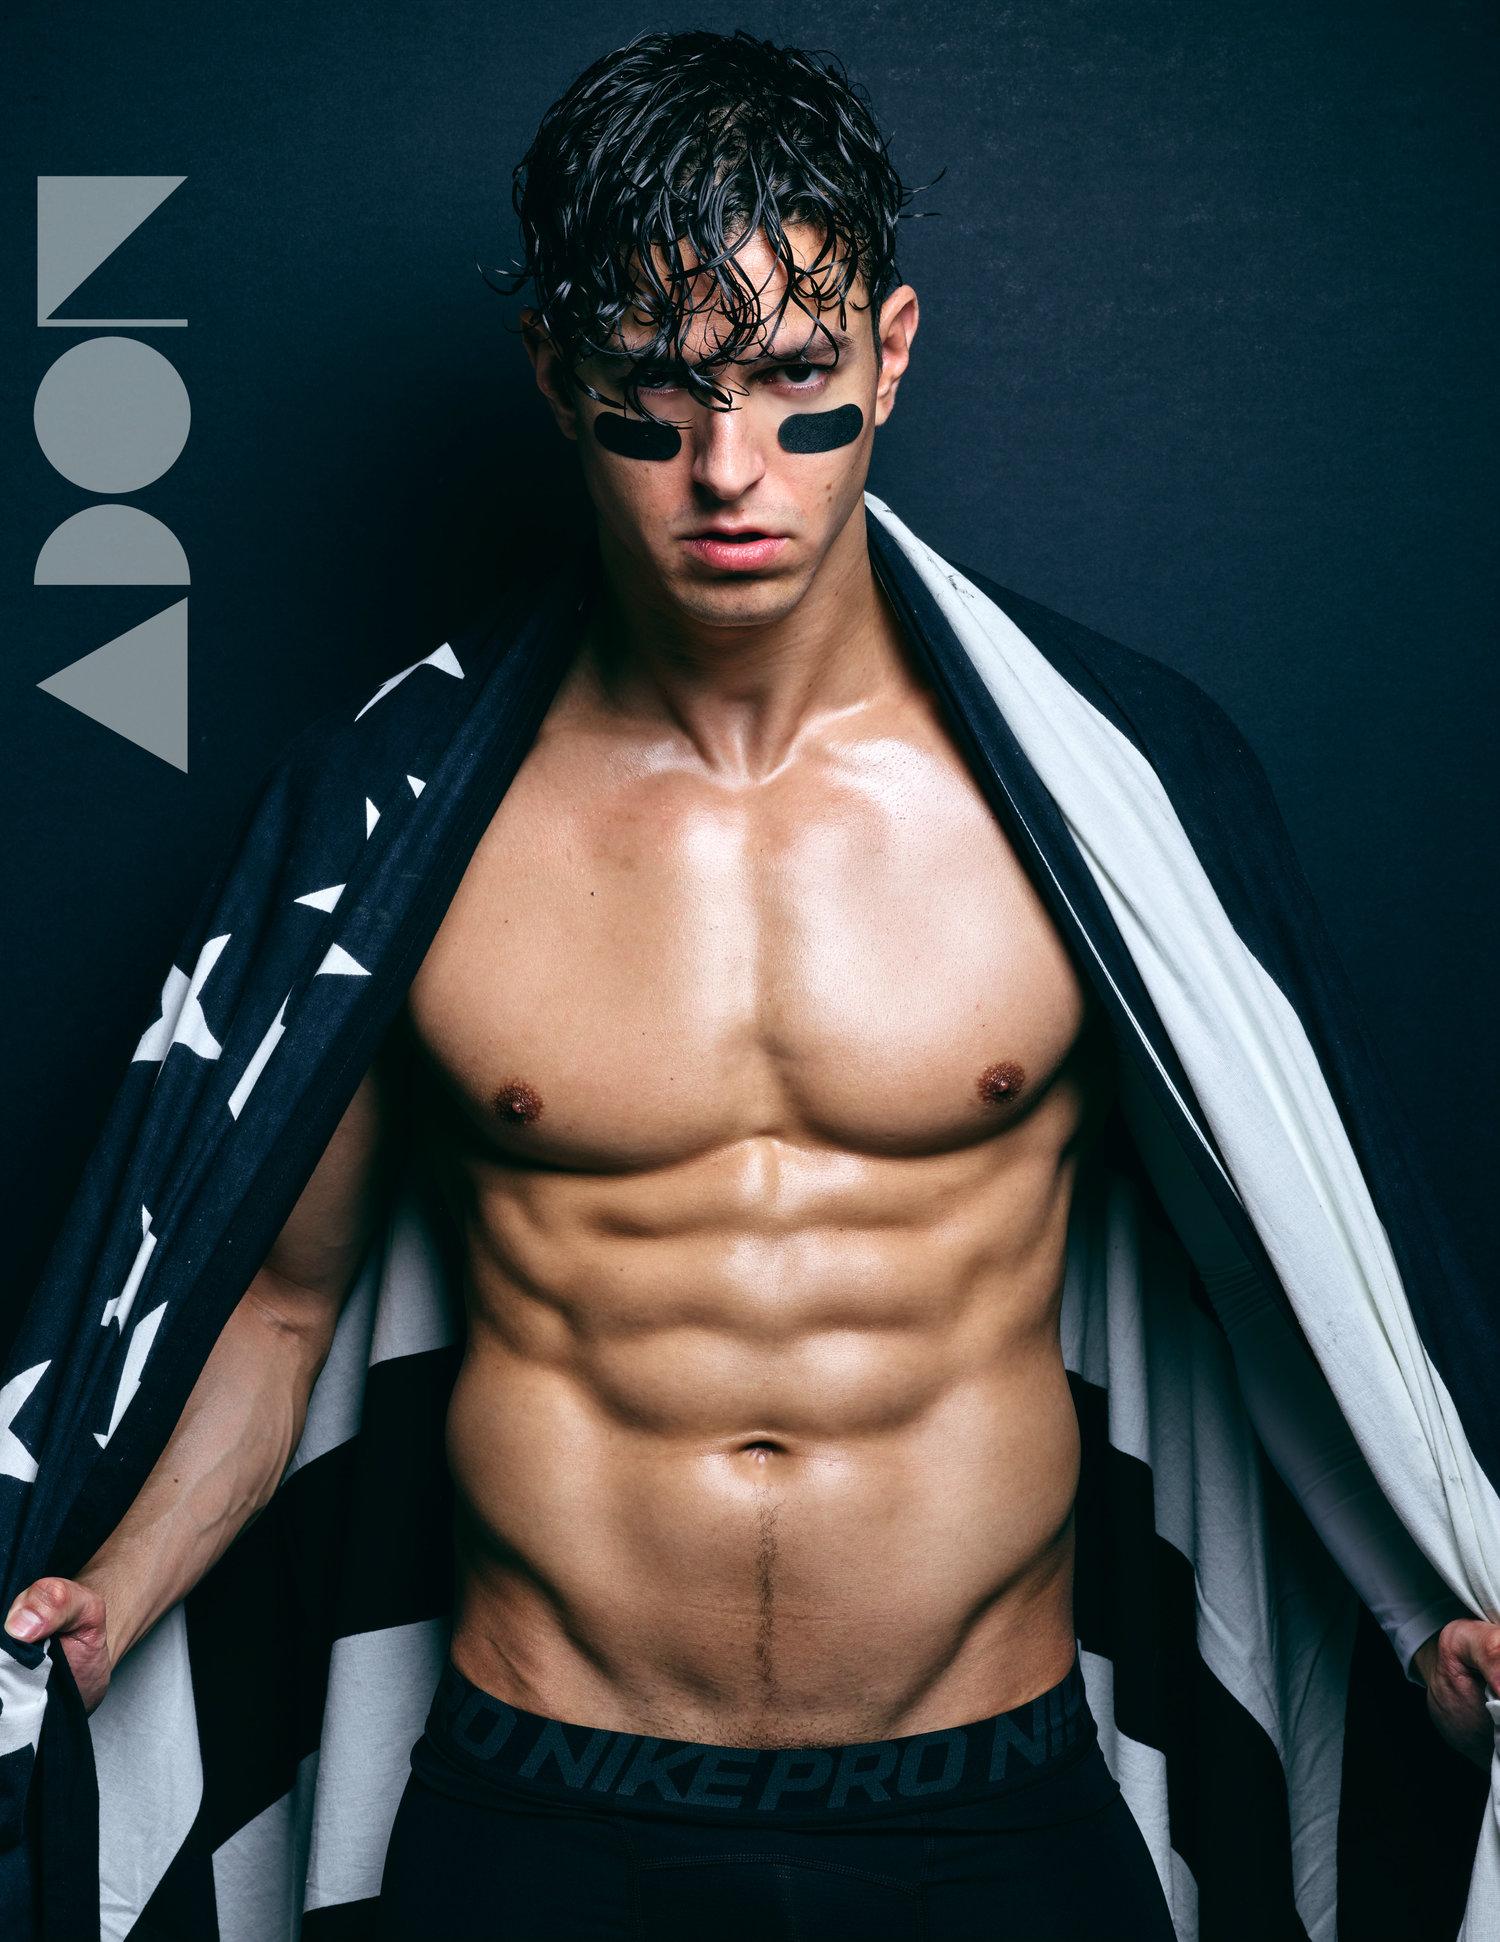 Adon Exclusive: Model Garret By Trey S Photo Studio